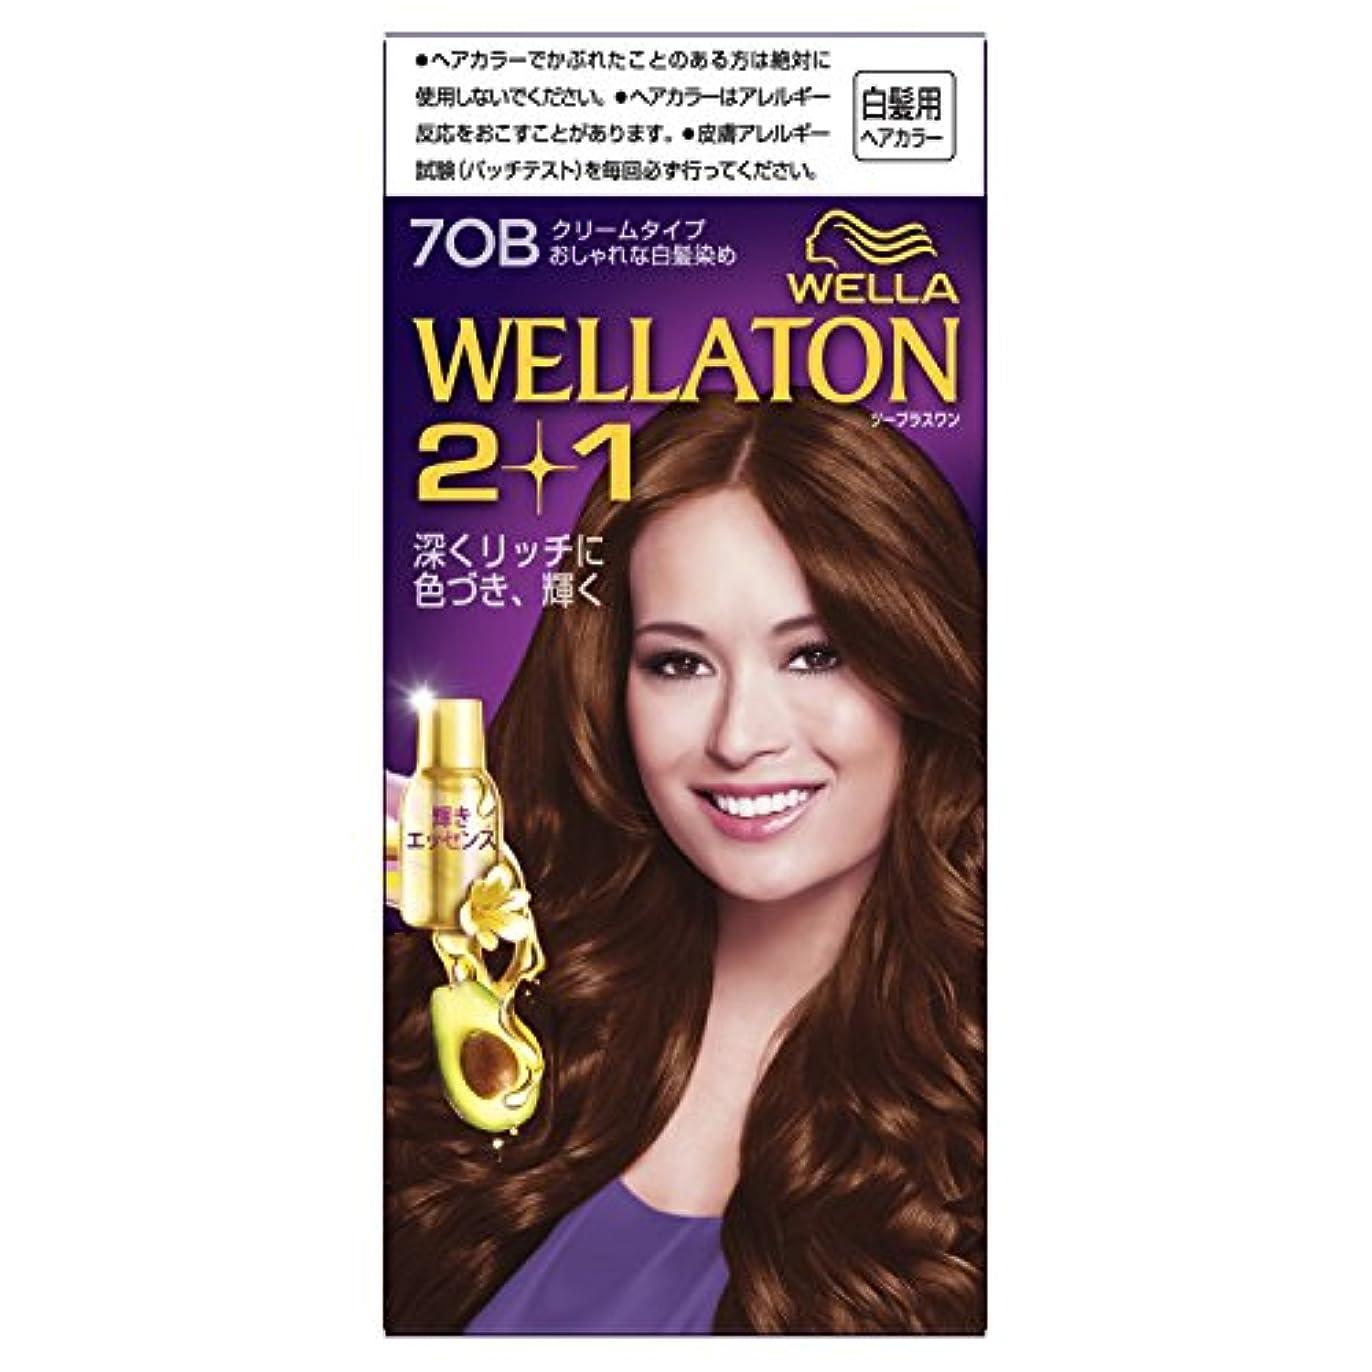 受信機観光普通のウエラトーン2+1 クリームタイプ 7OB [医薬部外品](おしゃれな白髪染め)